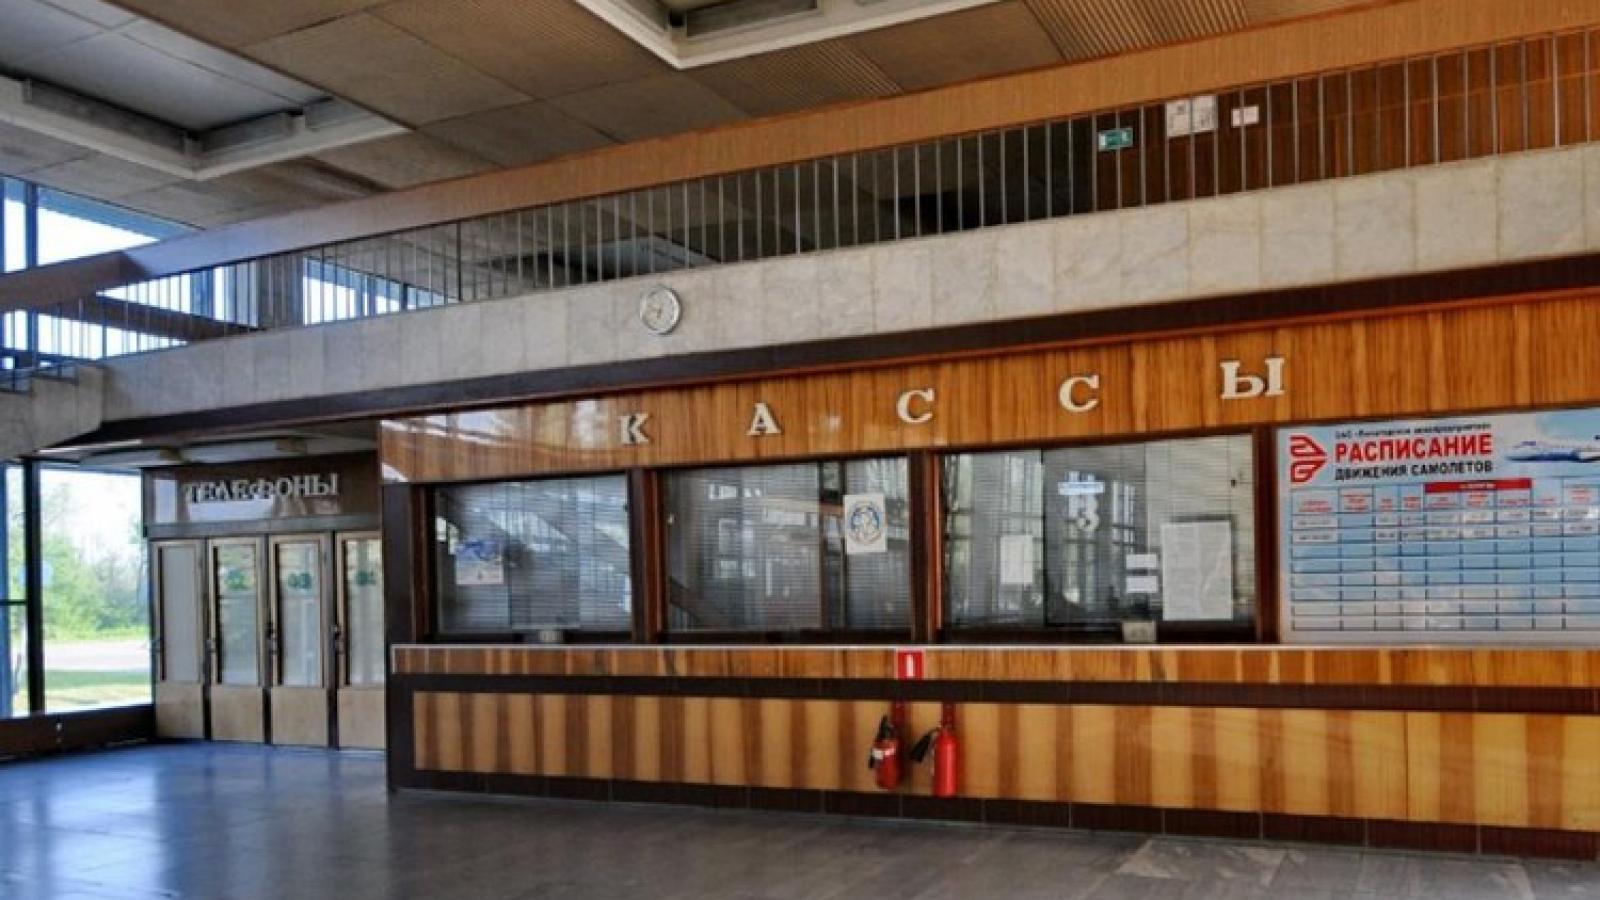 Вологодский аэропорт ожидает реконструкция